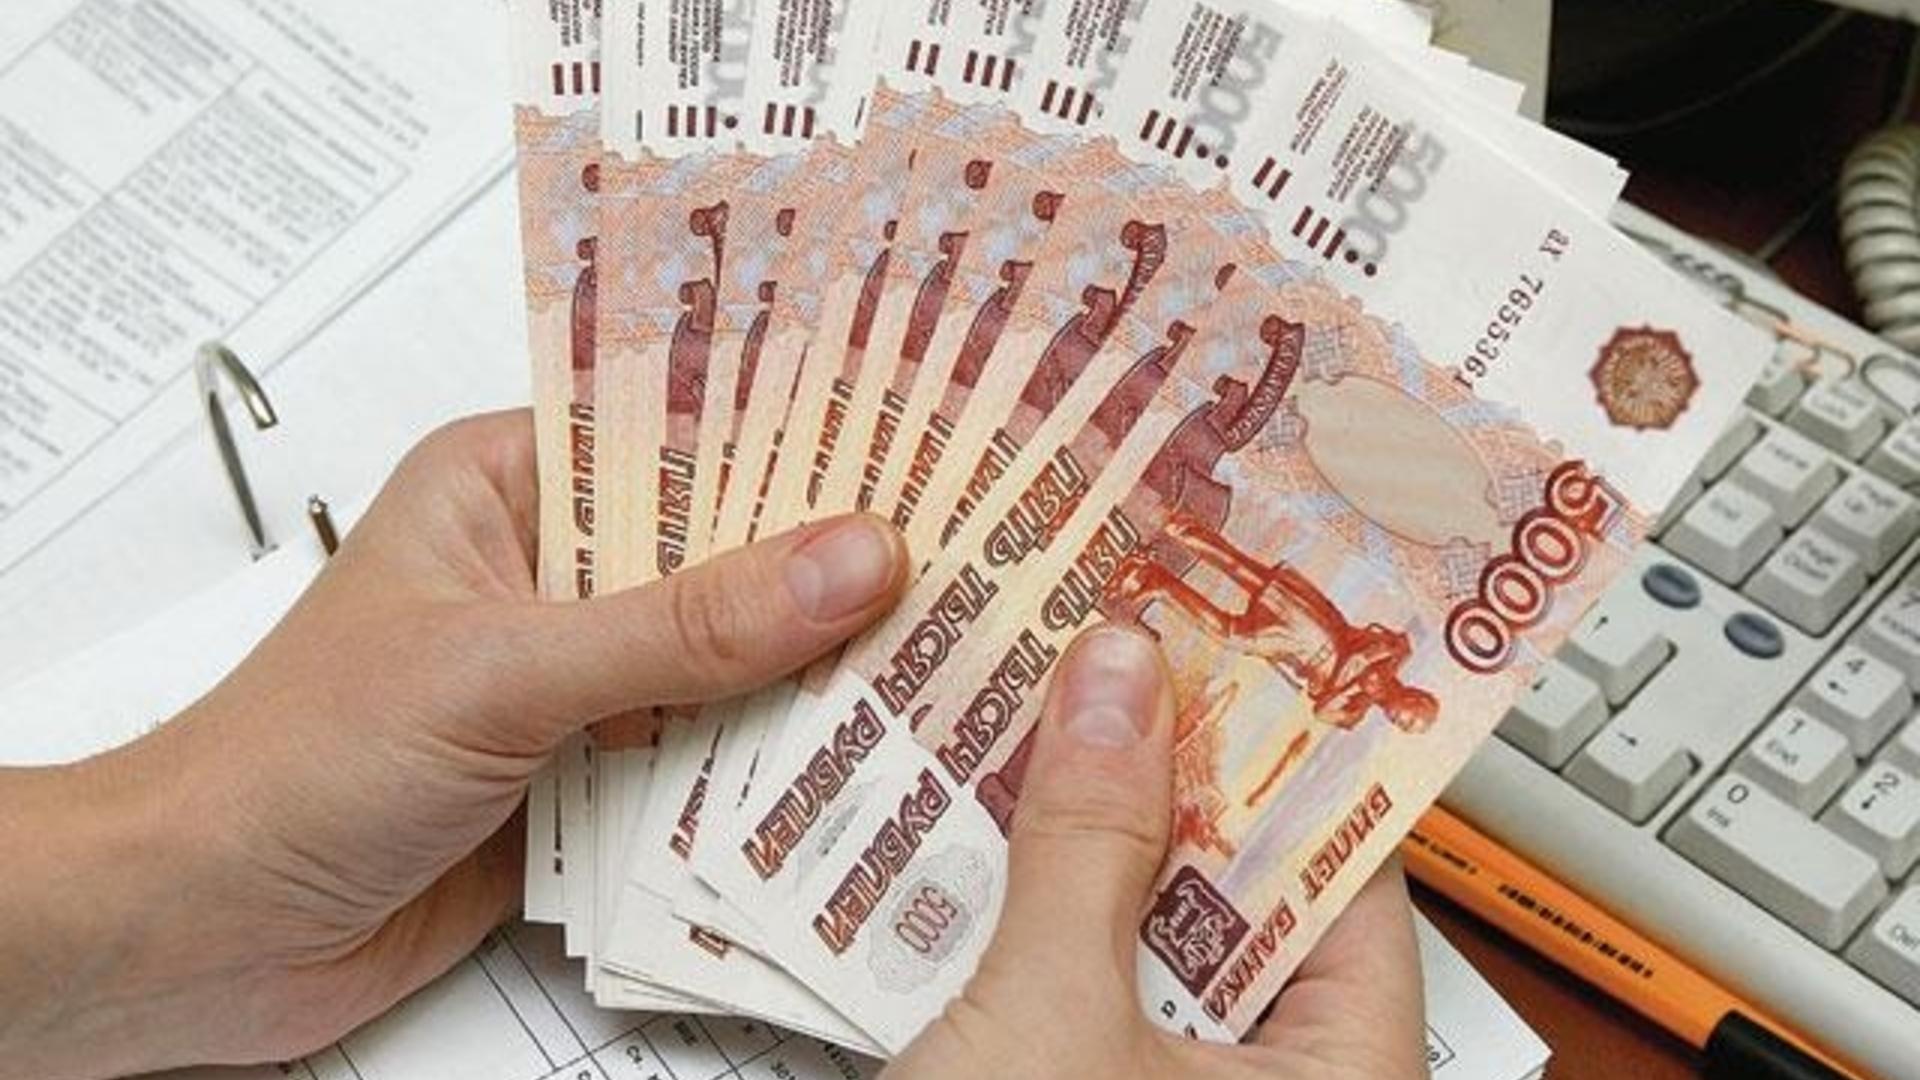 Как получить кредит в банке россии помогу получить кредит под банковскую гарантию